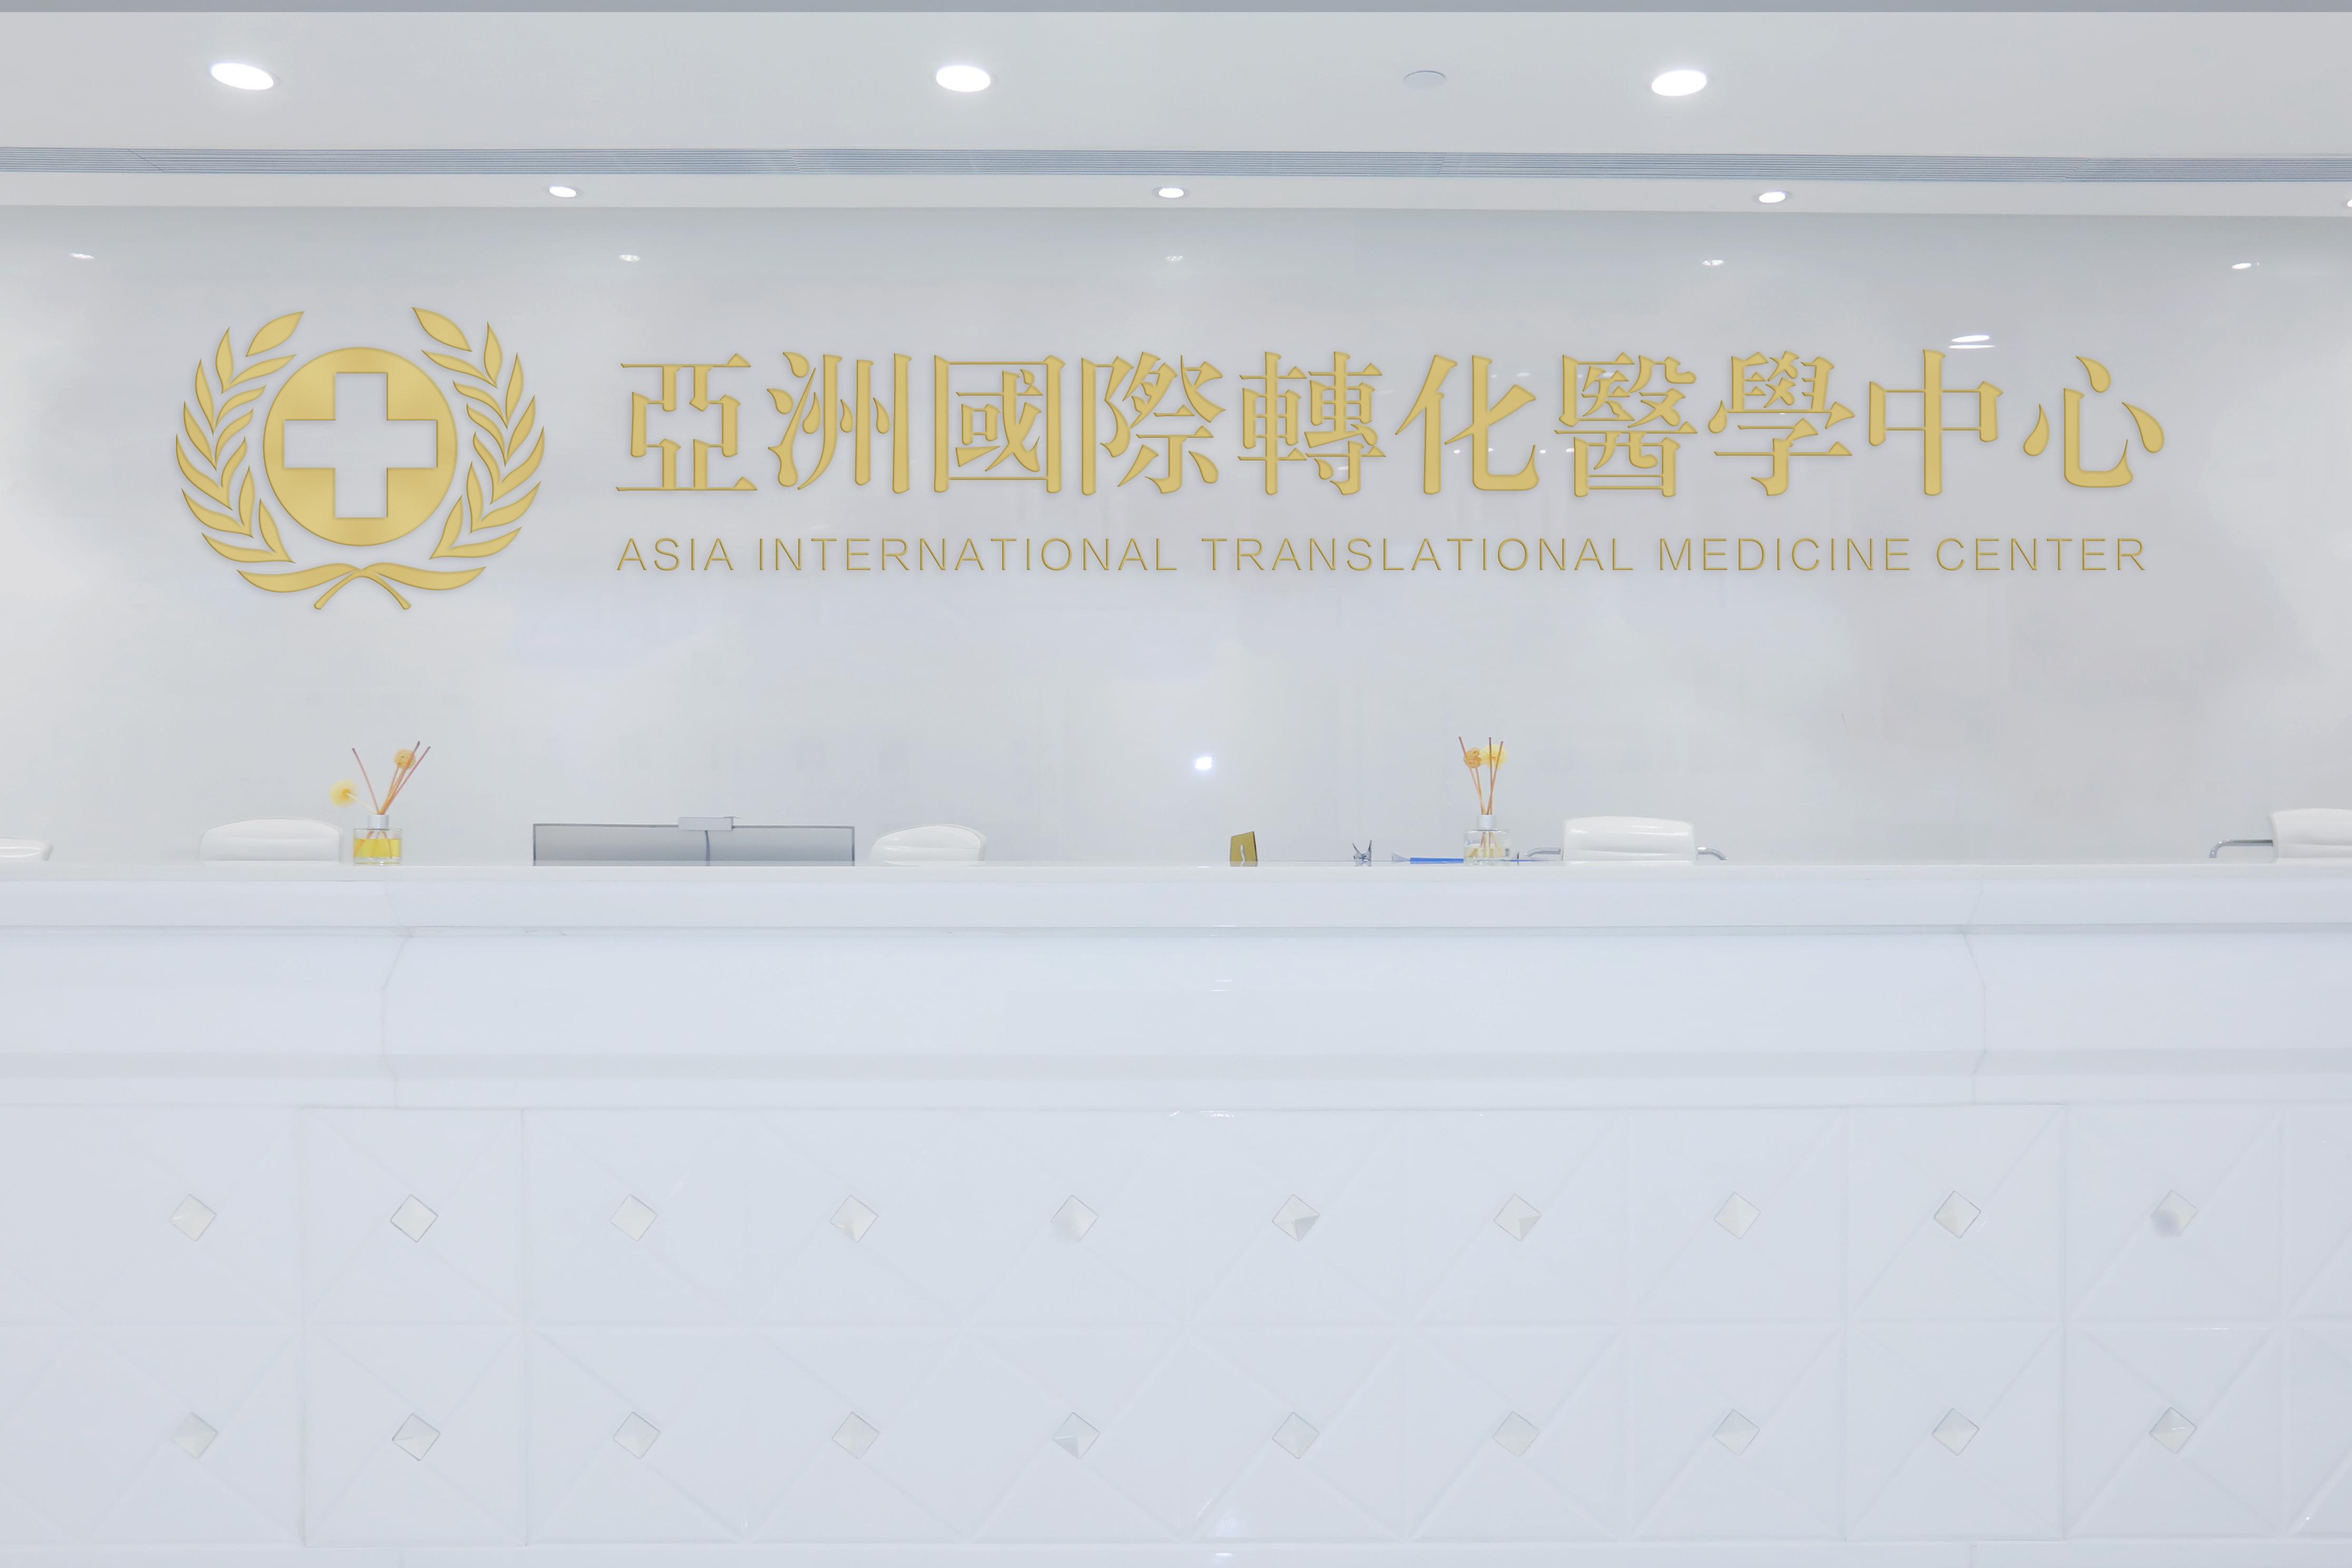 亚洲国际转化医学中心